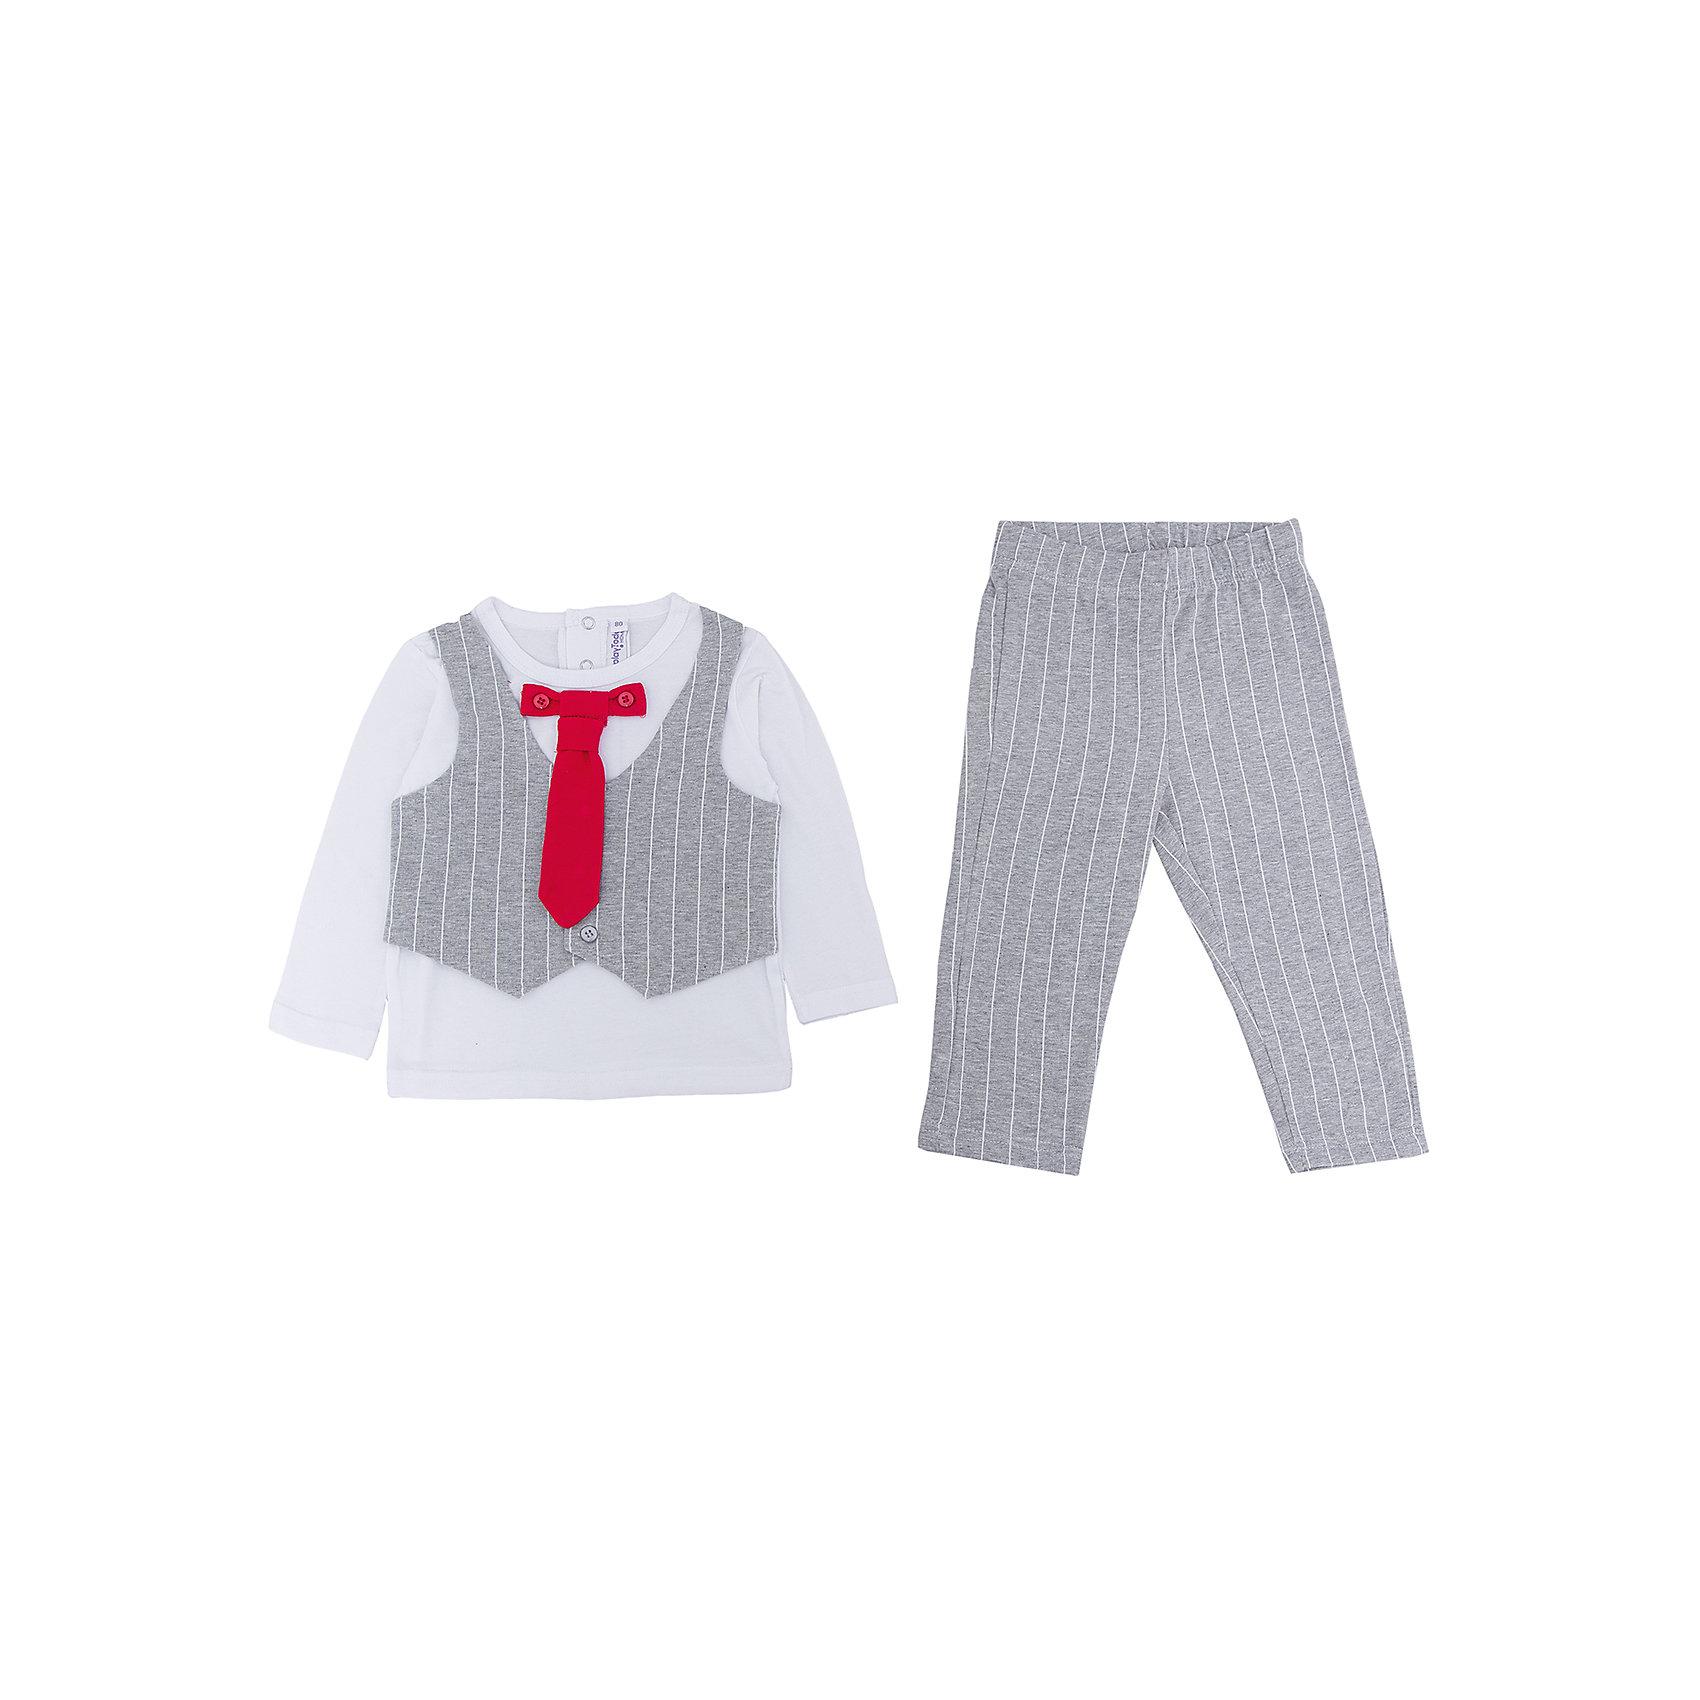 Комплект: футболка с длинным рукавом и брюки для мальчика PlayTodayКомплекты<br>Характеристики:<br><br>• Вид одежды: футболка с длинным рукавом и брюки<br>• Предназначение: праздничная одежда, повседневная одежда<br>• Пол: для мальчика<br>• Сезон: круглый год<br>• Материал: хлопок – 95%, эластан – 5%<br>• Цвет: белый, серый, красный<br>• Рукав: длинный<br>• Длина штанишек: длинные<br>• Вырез горловины: круглый<br>• Особенности ухода: ручная стирка без применения отбеливающих средств, глажение при низкой температуре <br><br>PlayToday – это линейка детской одежды, которая предназначена как для повседневности, так и для праздников. Большинство моделей выполнены в классическом стиле, сочетающем в себе традиции с яркими стильными элементами и аксессуарами. Весь ассортимент одежды сочетается между собой по стилю и цветовому решению, поэтому Вам будет легко сформировать гардероб вашего ребенка, который отражает его индивидуальность. <br>Комплект: футболка с длинным рукавом и брюки для мальчика PlayToday – яркий, стильный и оригинальный комплект, предназначенный как для праздничных дней, так и для повседневности. Футболка и брюки выполнены из натурального хлопка с добавлением эластана, что придает комплекту особую прочность и износоустойчивость. У футболки длинный рукав и втачной жилет, застегивающийся на пуговицы, кроме того предусмотрен съемный галстук. Длинные штанишки имеют широкую эластичную резинку и свободный крой, благодаря чему, изделие не сковывает движений ребенка. <br><br>Комплект: футболку с длинным рукавом и брюки для мальчика PlayToday можно купить в нашем интернет-магазине.<br><br>Ширина мм: 215<br>Глубина мм: 88<br>Высота мм: 191<br>Вес г: 336<br>Цвет: разноцветный<br>Возраст от месяцев: 6<br>Возраст до месяцев: 9<br>Пол: Мужской<br>Возраст: Детский<br>Размер: 74,80,86,92<br>SKU: 5059493